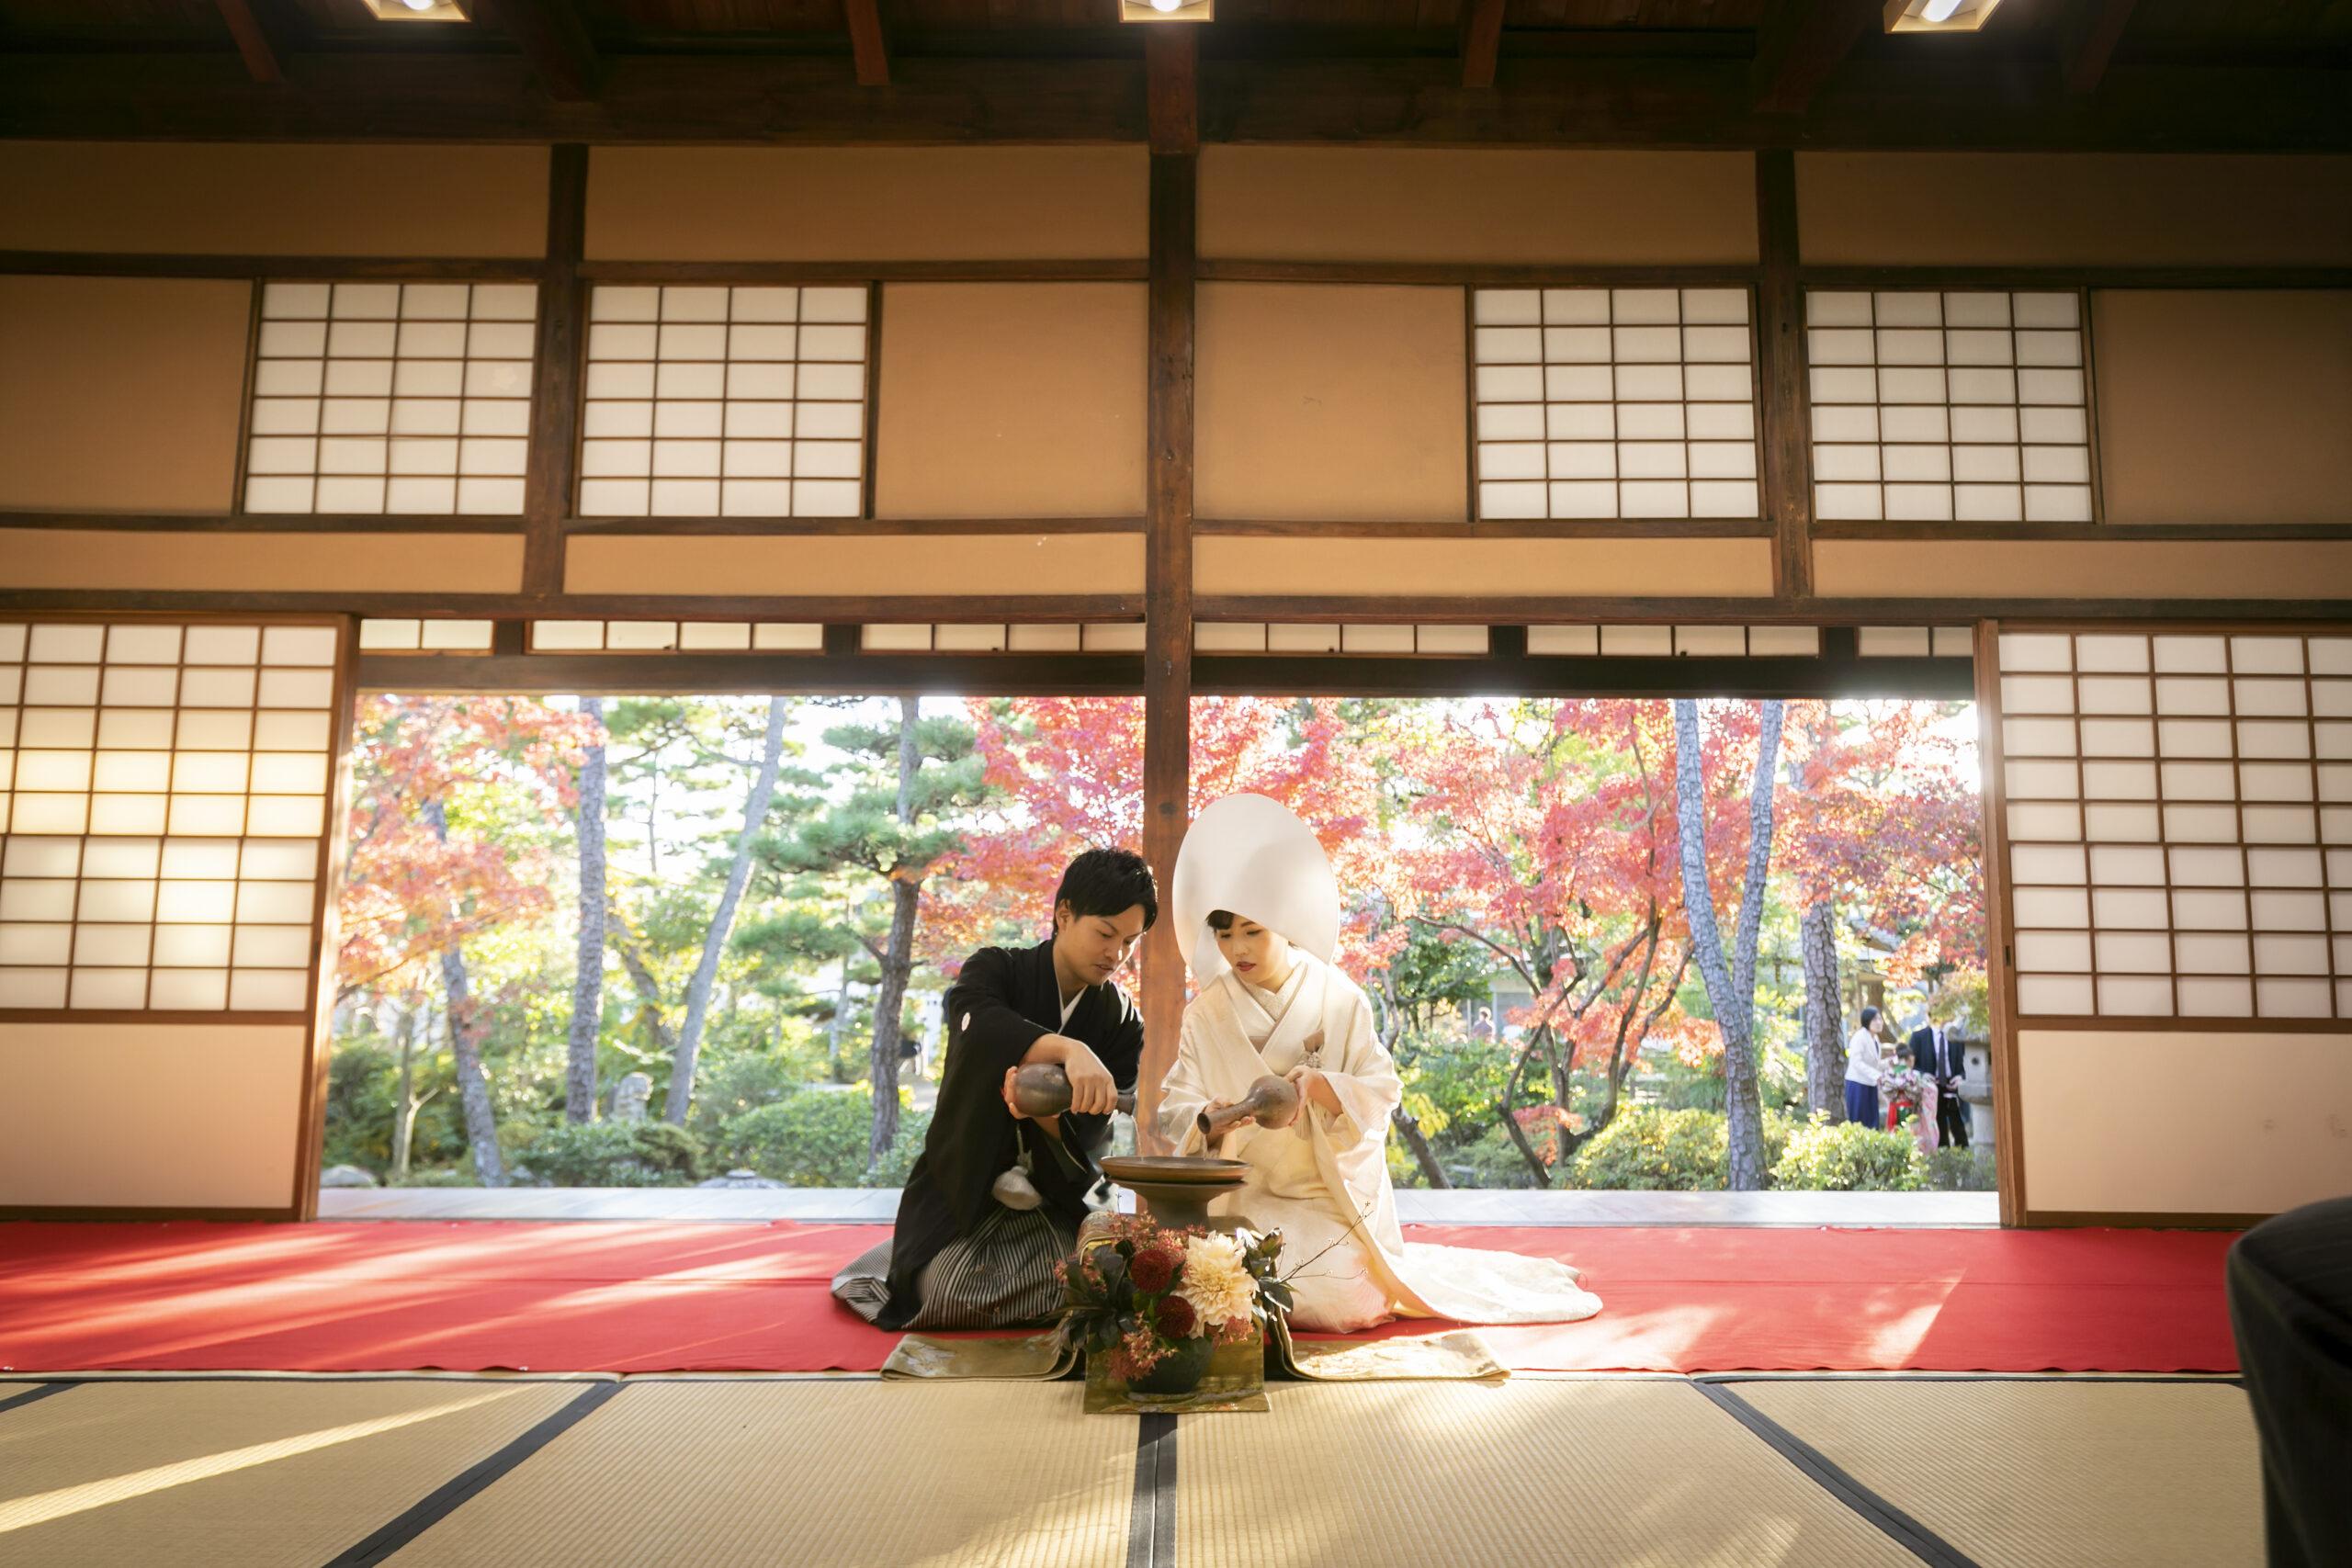 残3組!年一限定×特別特典付!和婚式当日体感模擬挙式フェア